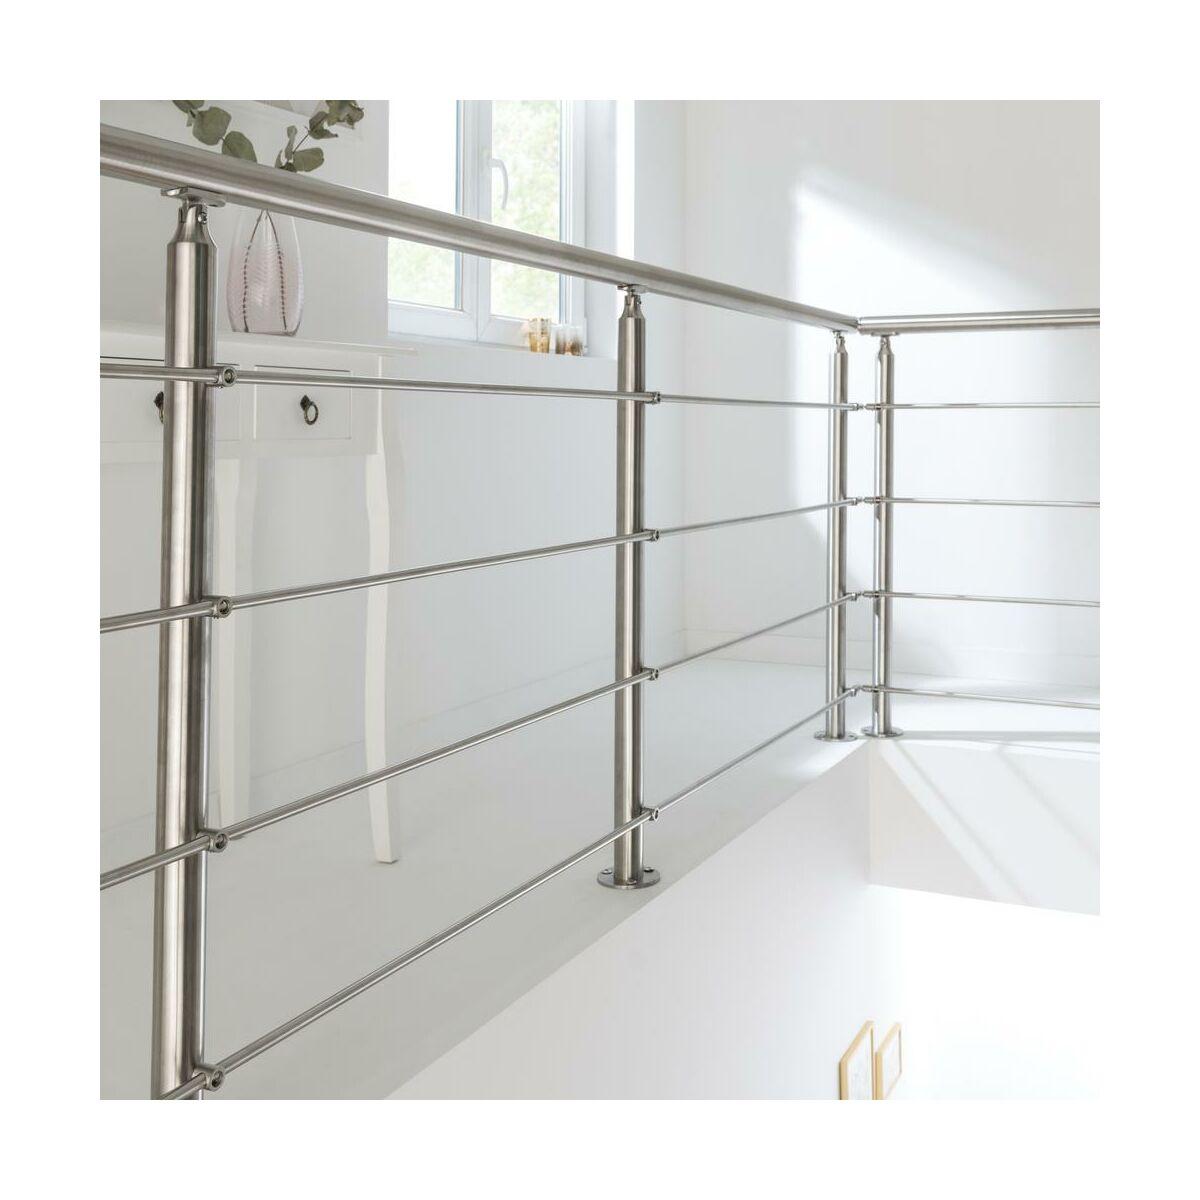 Balustrada Kompletna Satynowa 1 M Artens Balustrady Drewniane I Metalowe W Atrakcyjnej Cenie W Sklepach Leroy Merlin